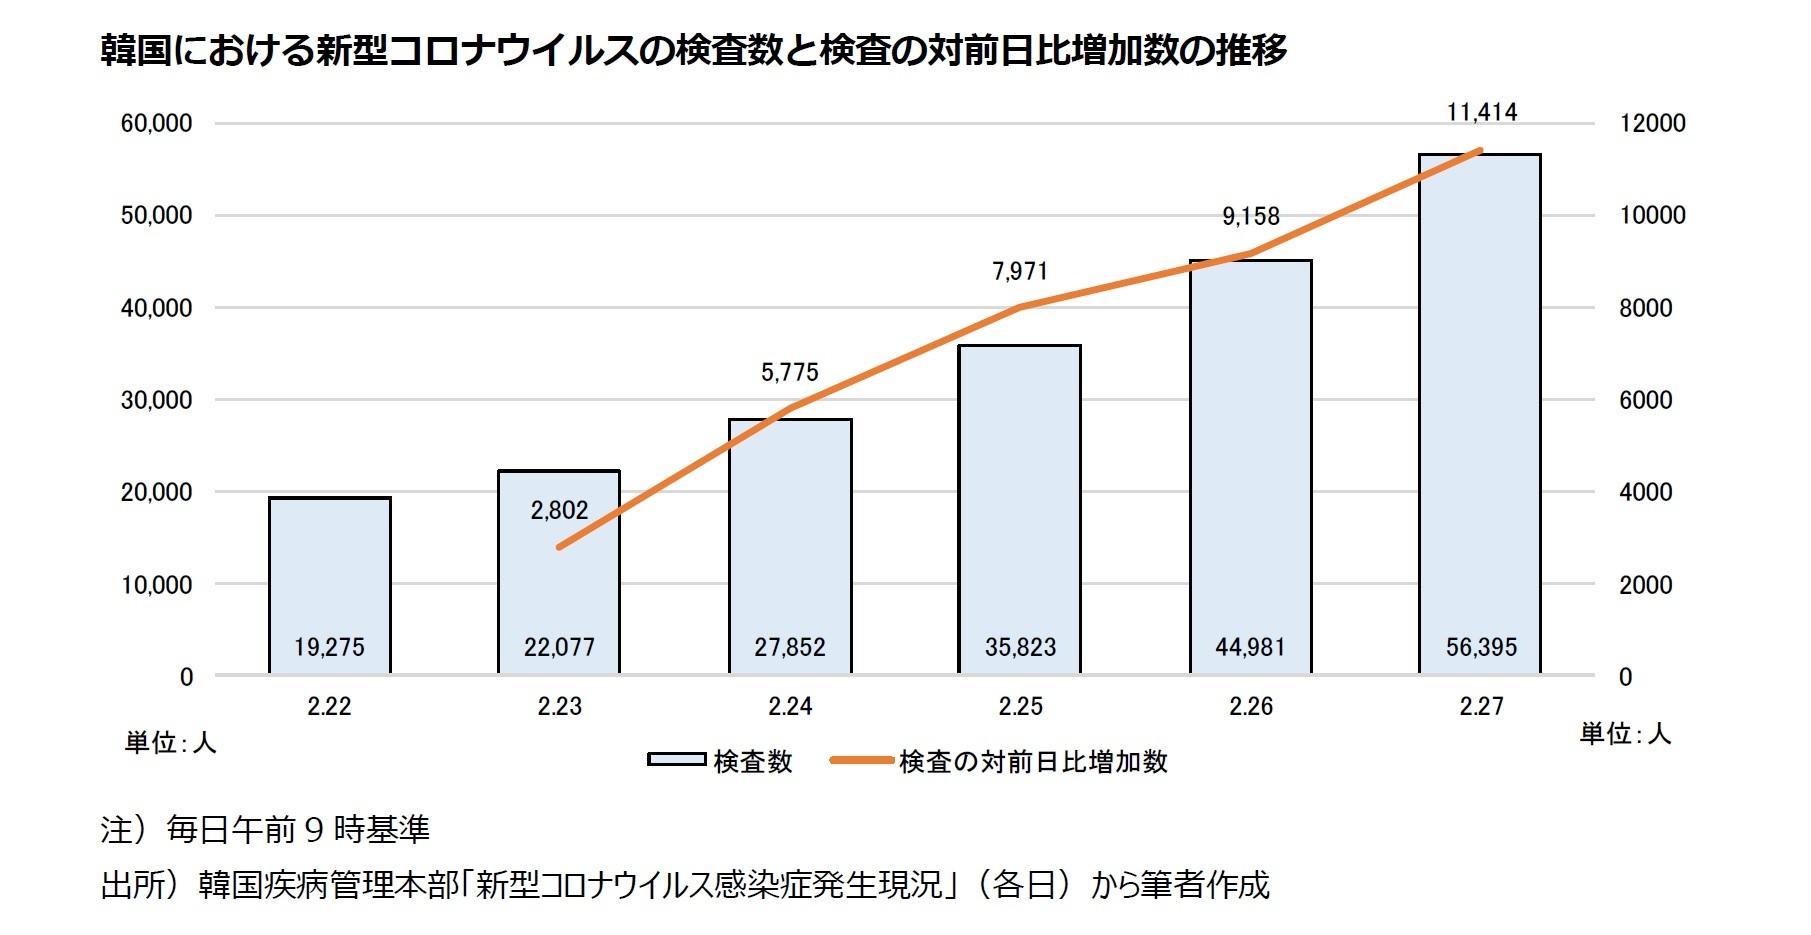 韓国における新型コロナウイルスの検査数と検査の対前日比増加数の推移